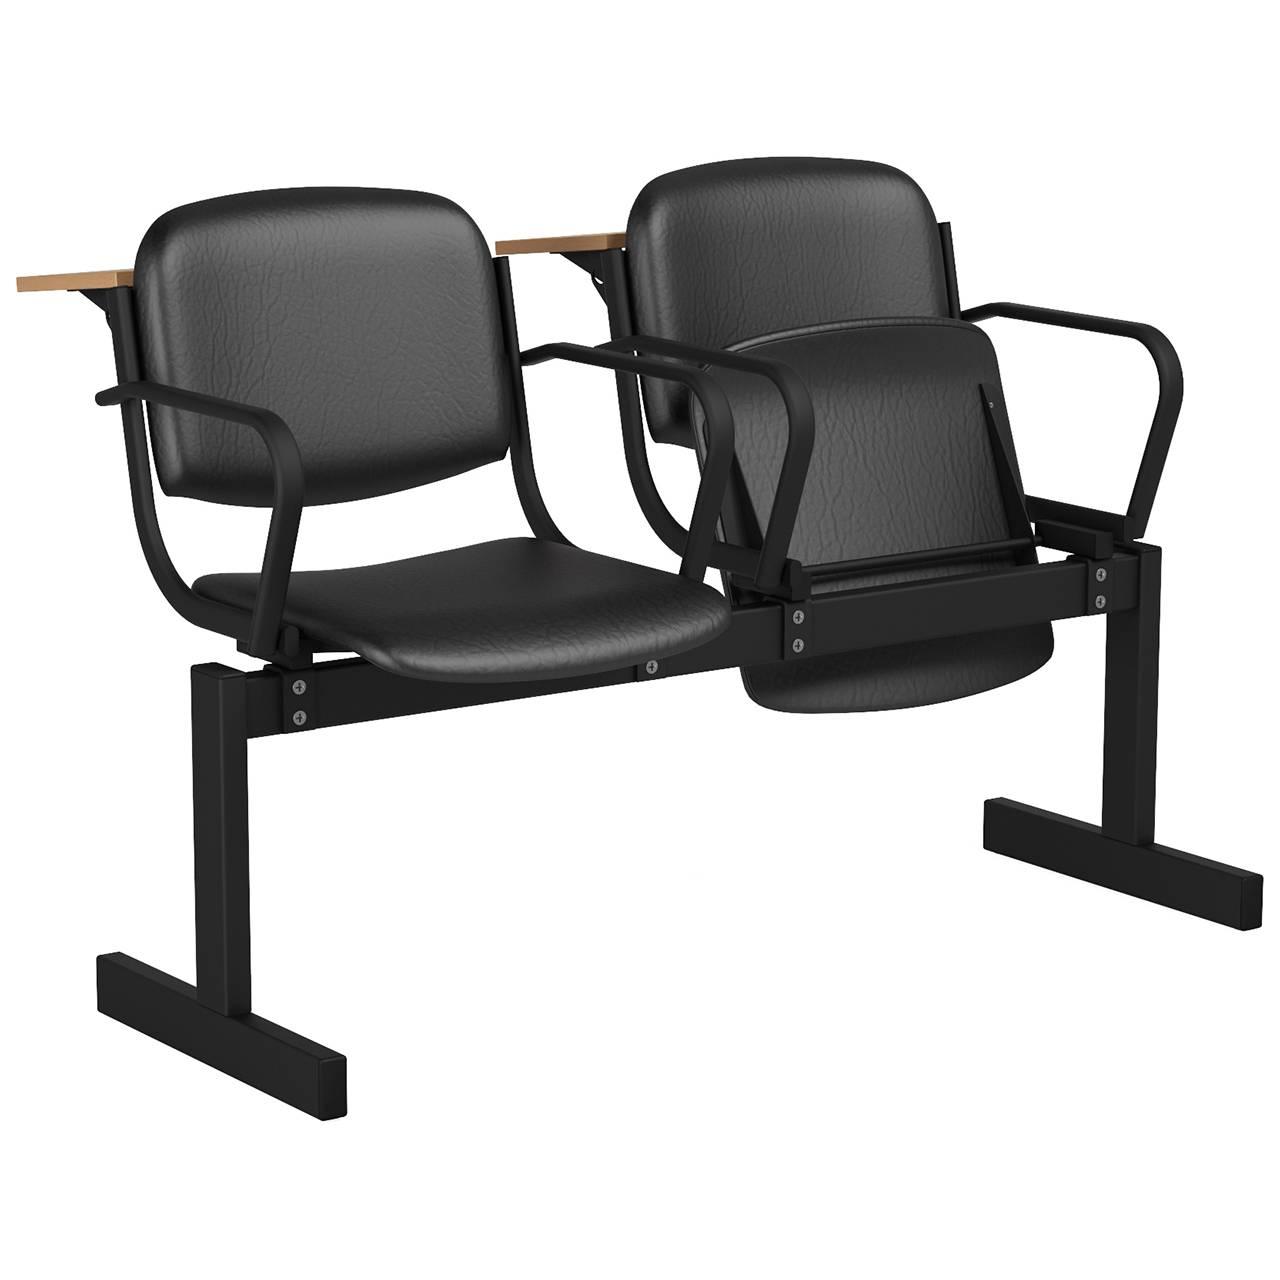 2-местный, откидывающиеся сиденья, мягкий, подлокотники, лекционный черный черный Кожзаменитель